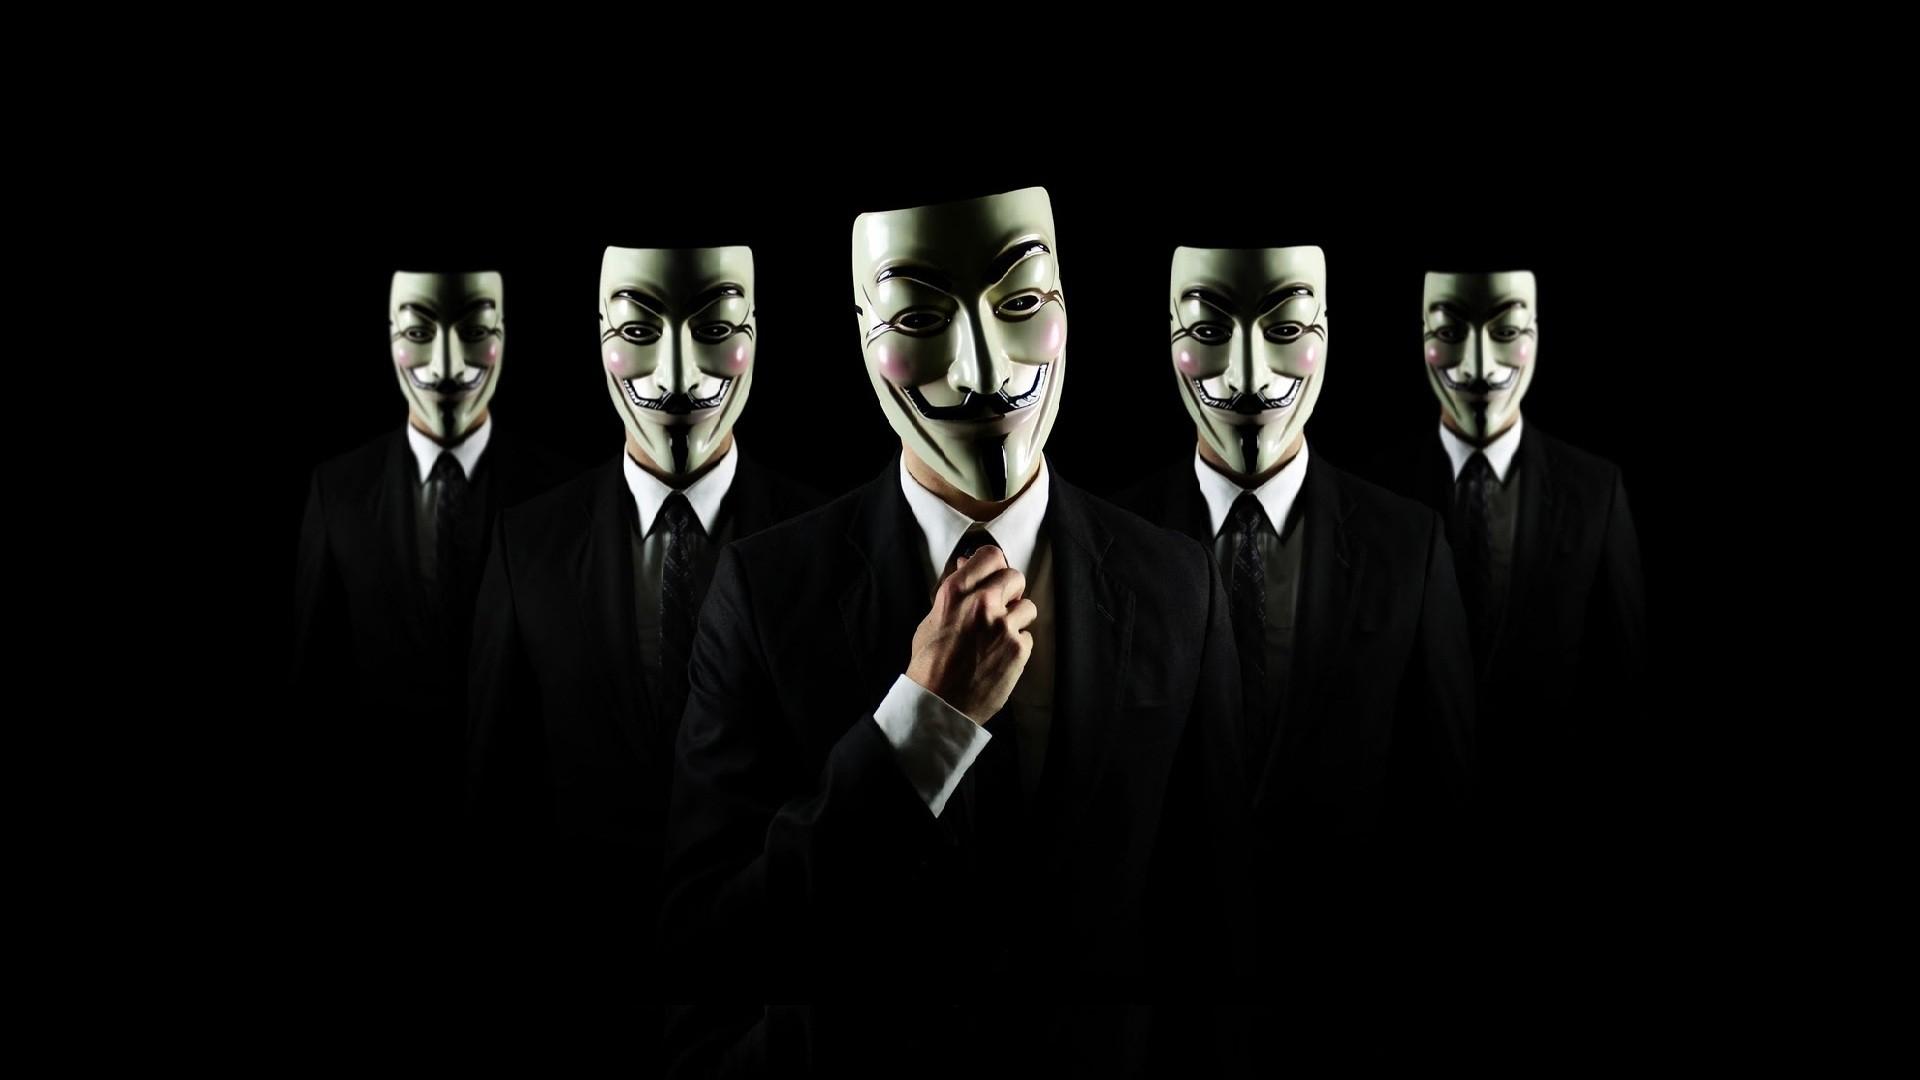 Hackers Sospechosos De Robar 2.4 Millones De Dólares A ATM